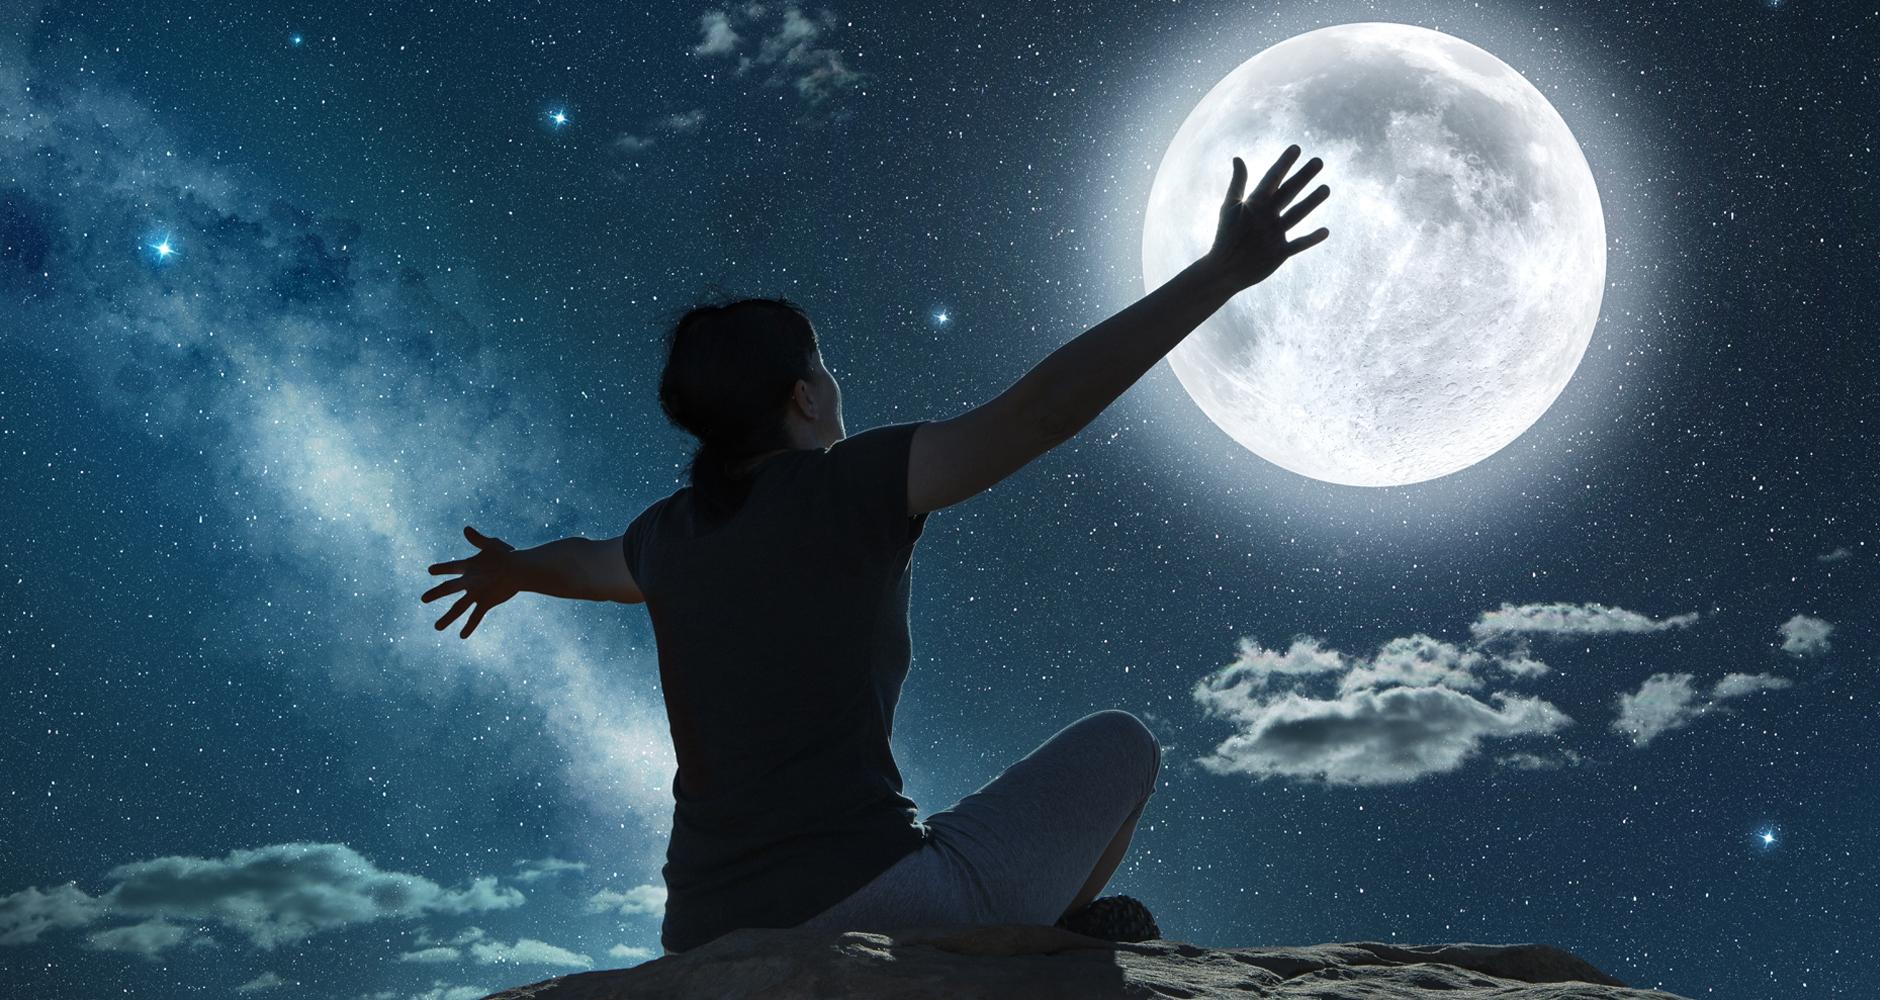 Лунный календарь на 21 октября. Нельзя лениться и спорить